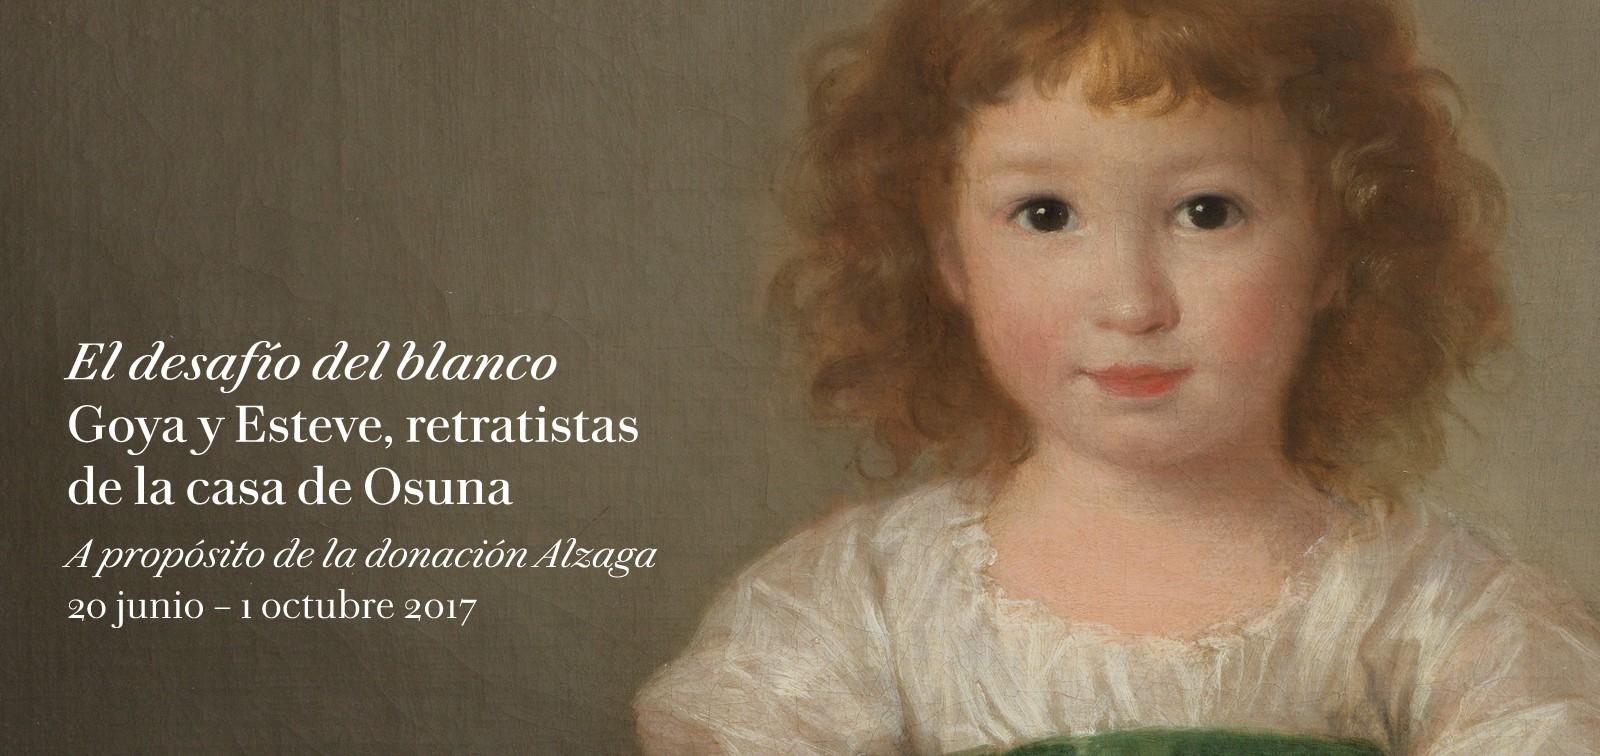 Exposición. El desafío del blanco. Goya y Esteve, retratistas de la Casa de Osuna